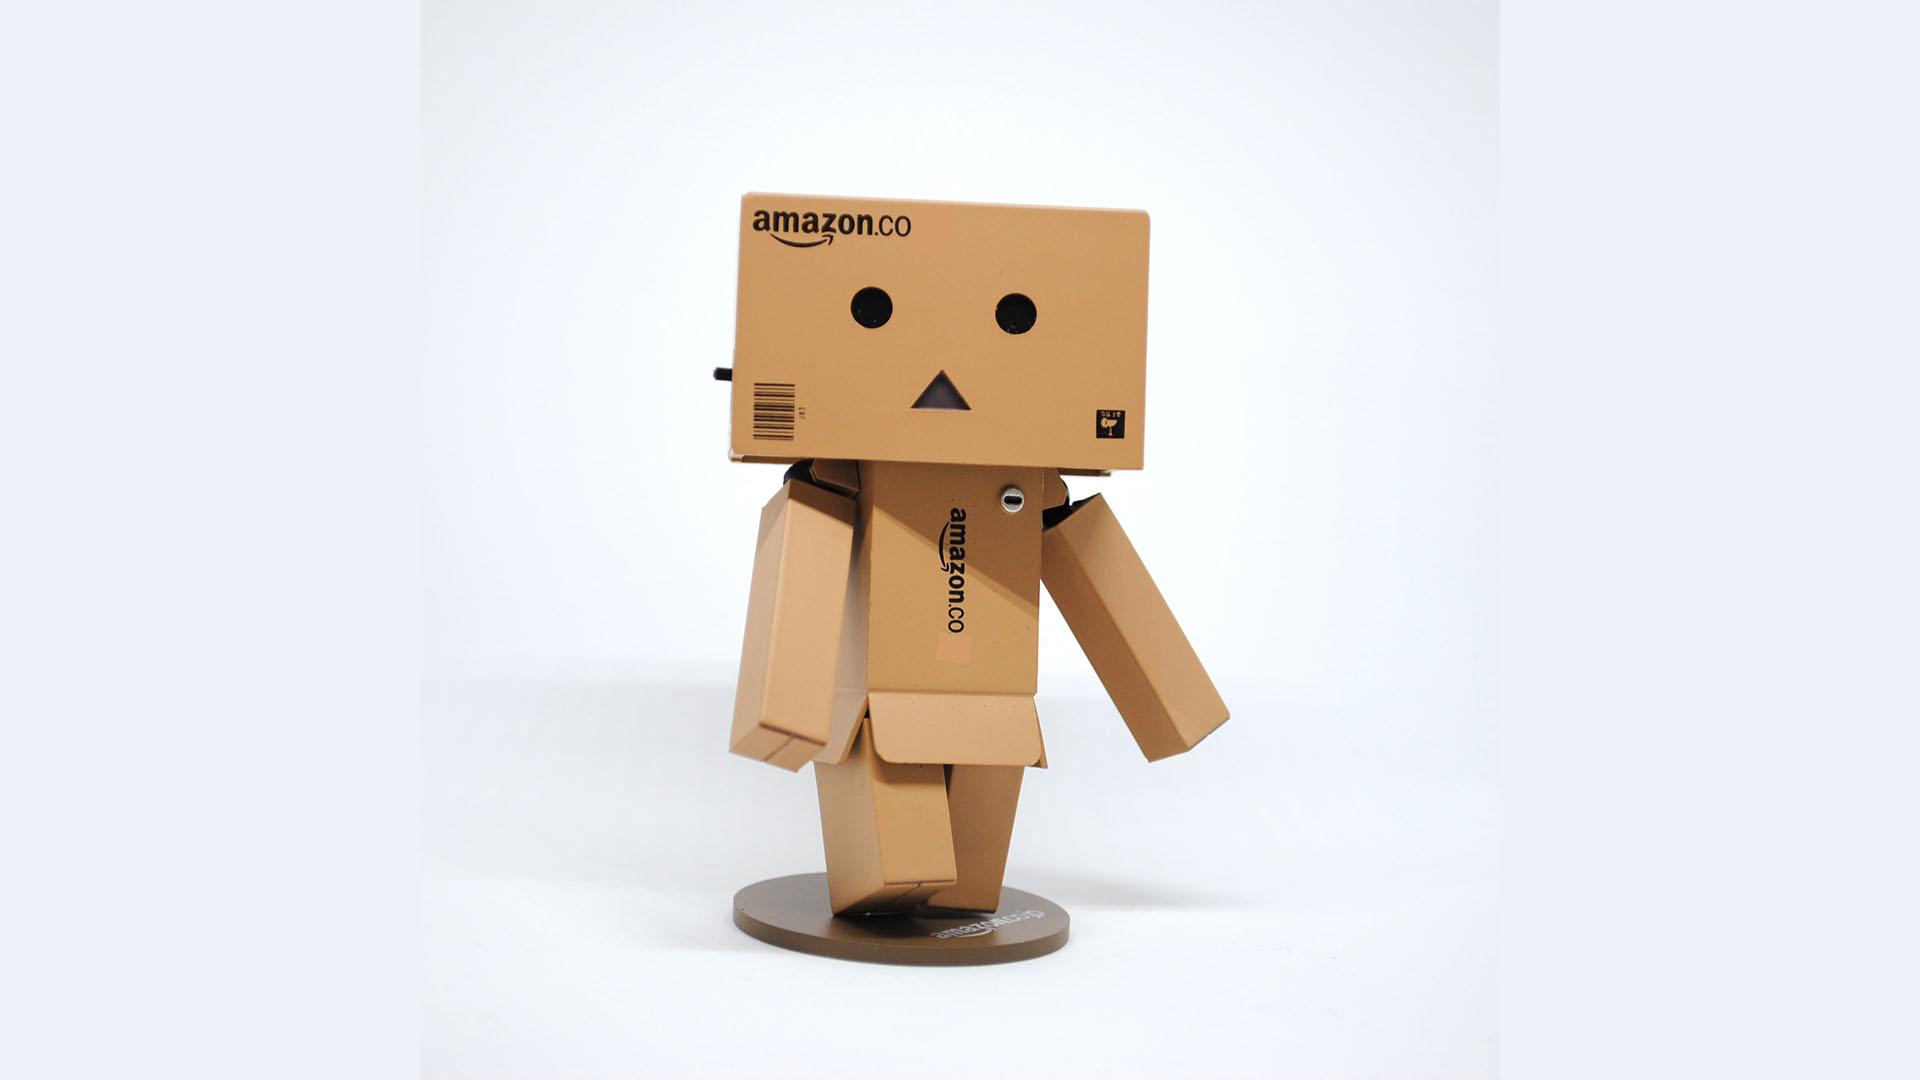 Amazon et Uber Eats : Paris veut taxer les livraisons et imposer des restrictions